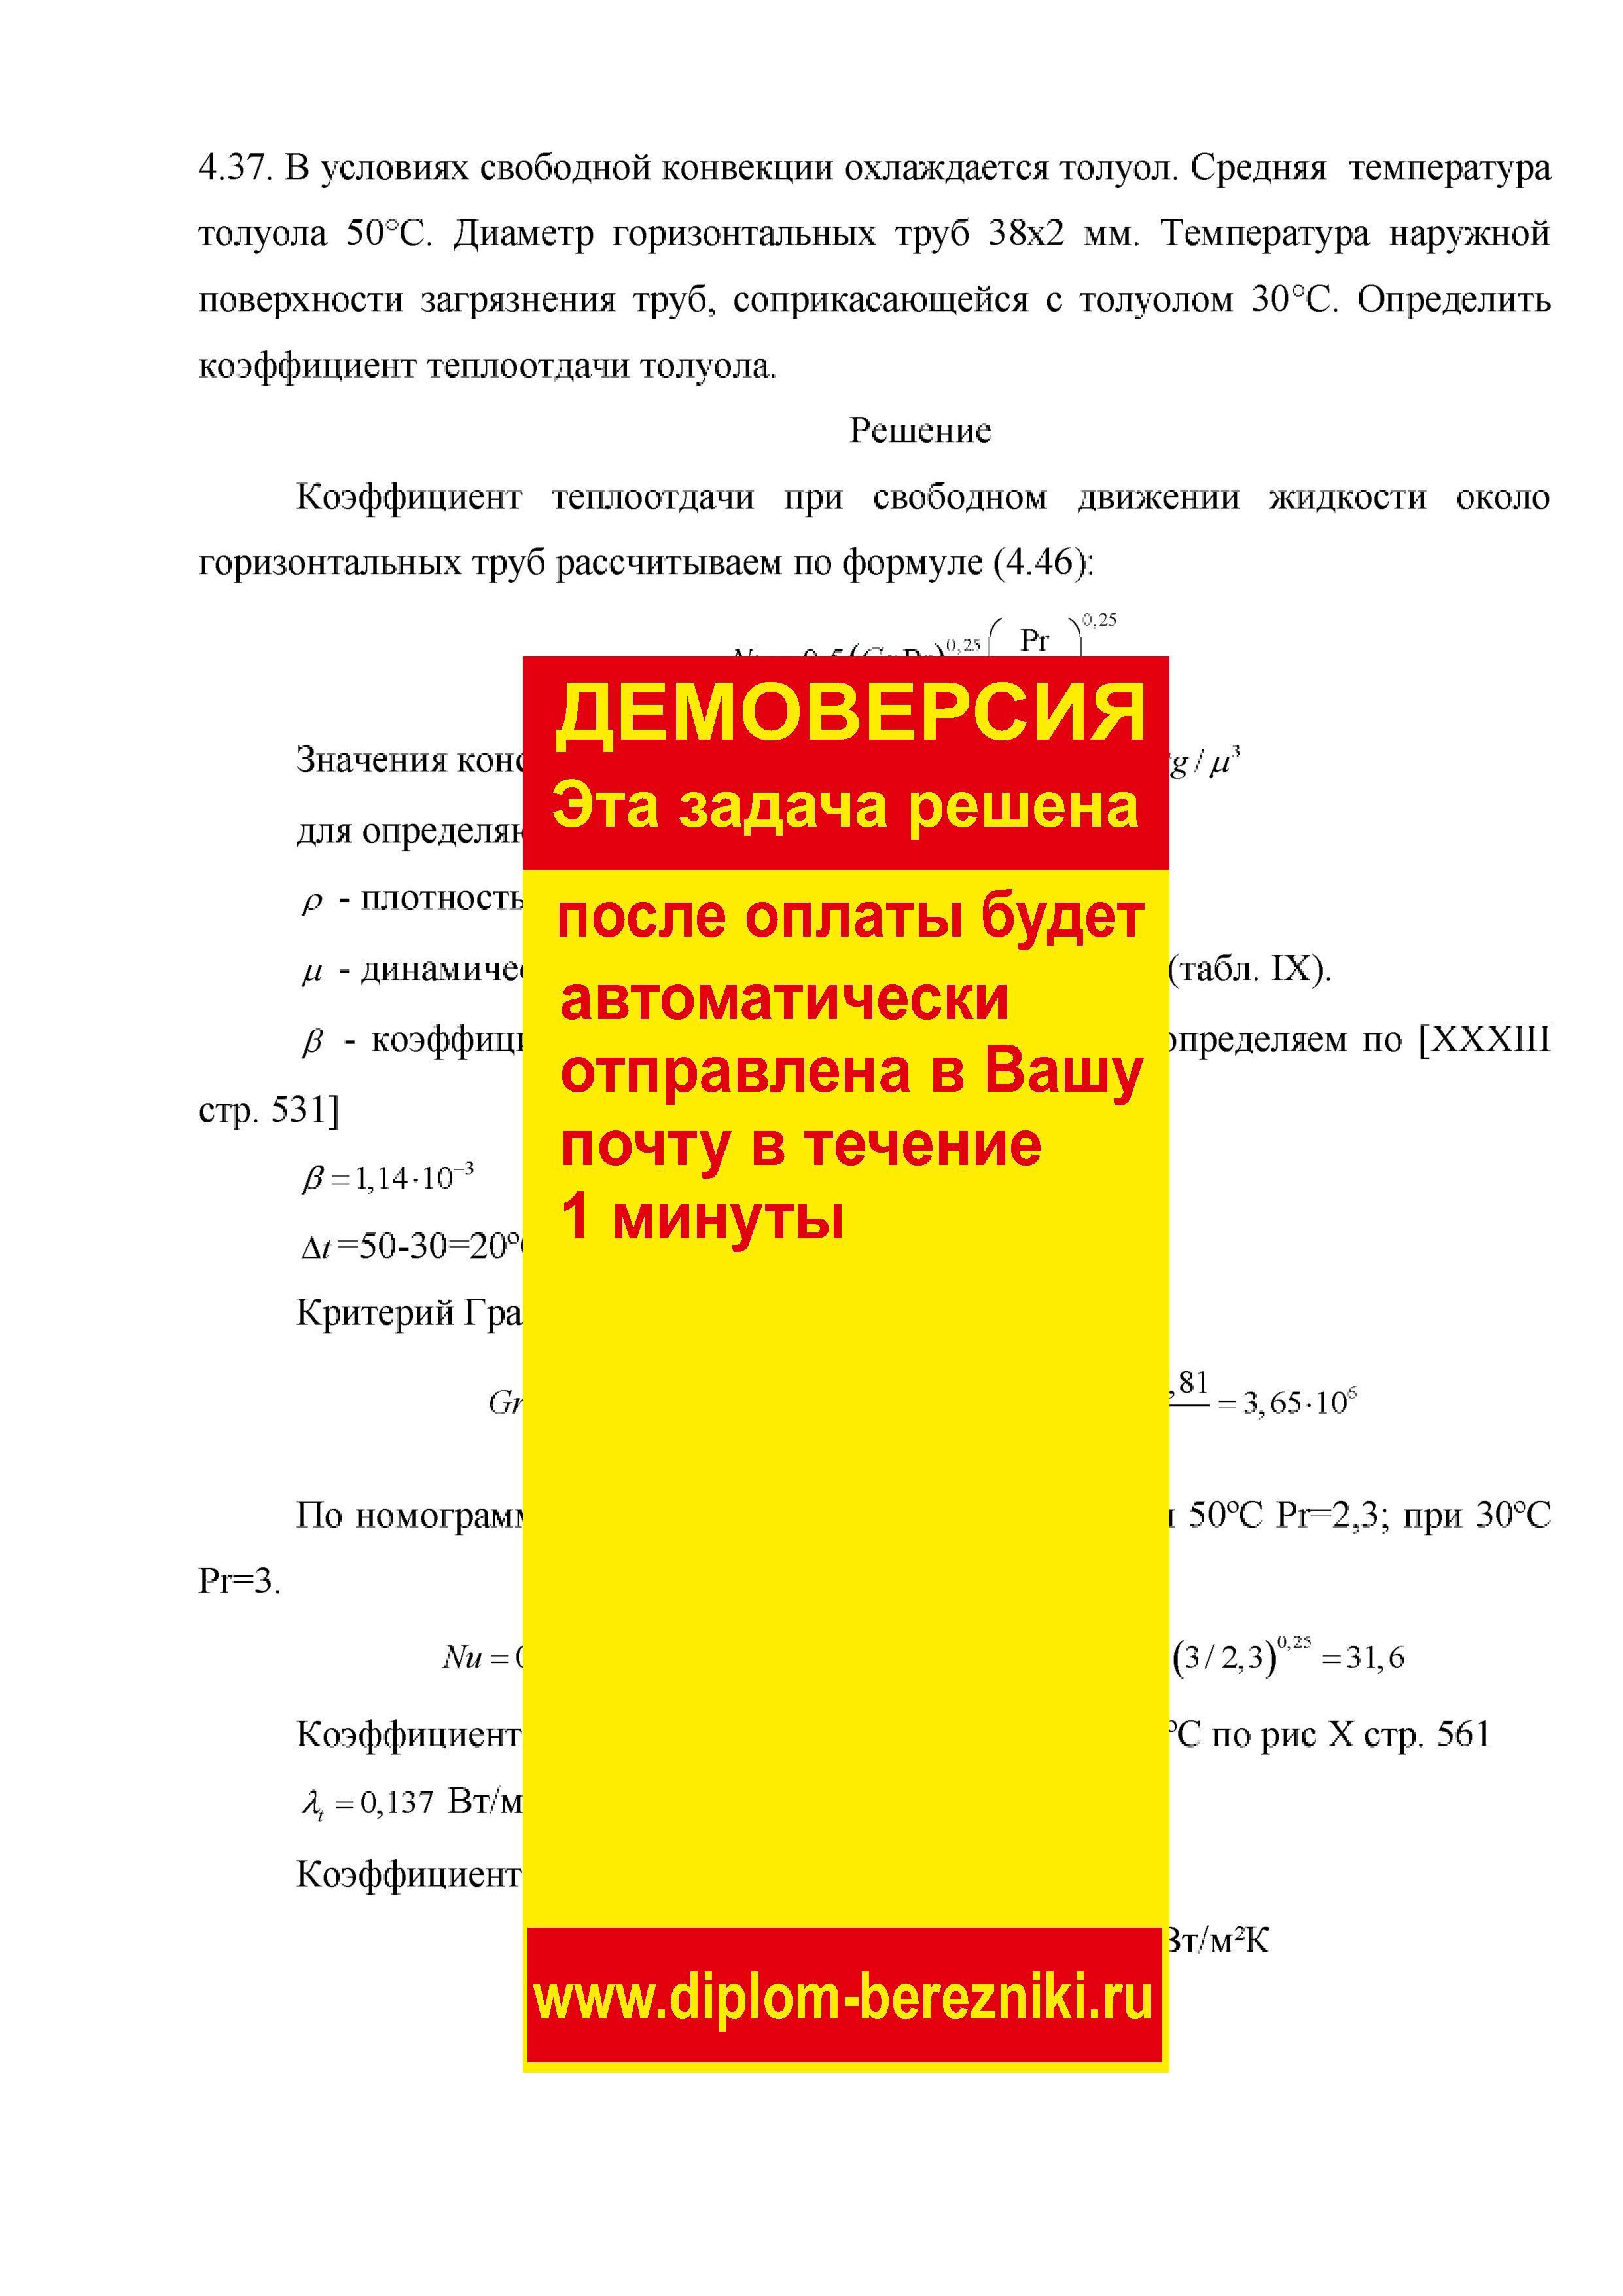 Решение задачи 4.37 по ПАХТ из задачника Павлова Романкова Носкова